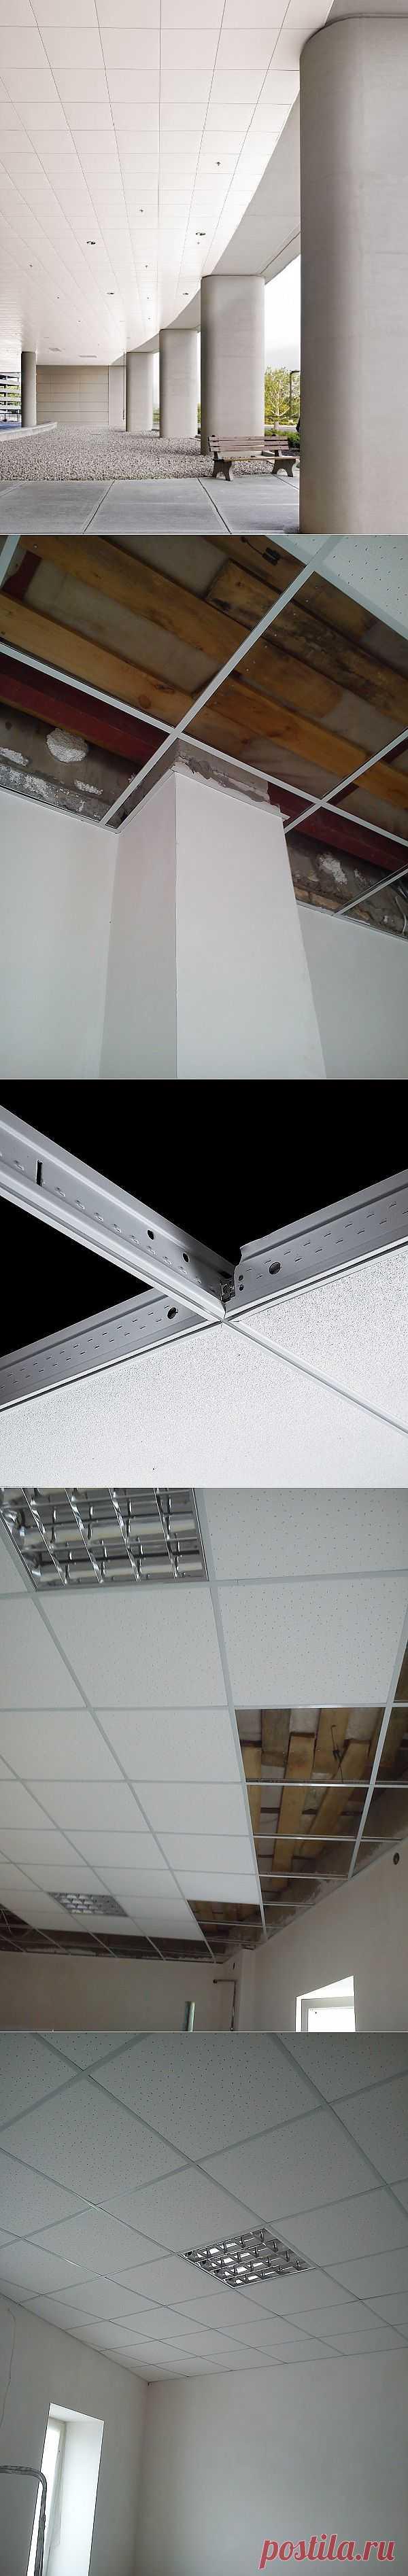 Монтаж подвесного потолка Армстронг - Мир отделки и ремонта